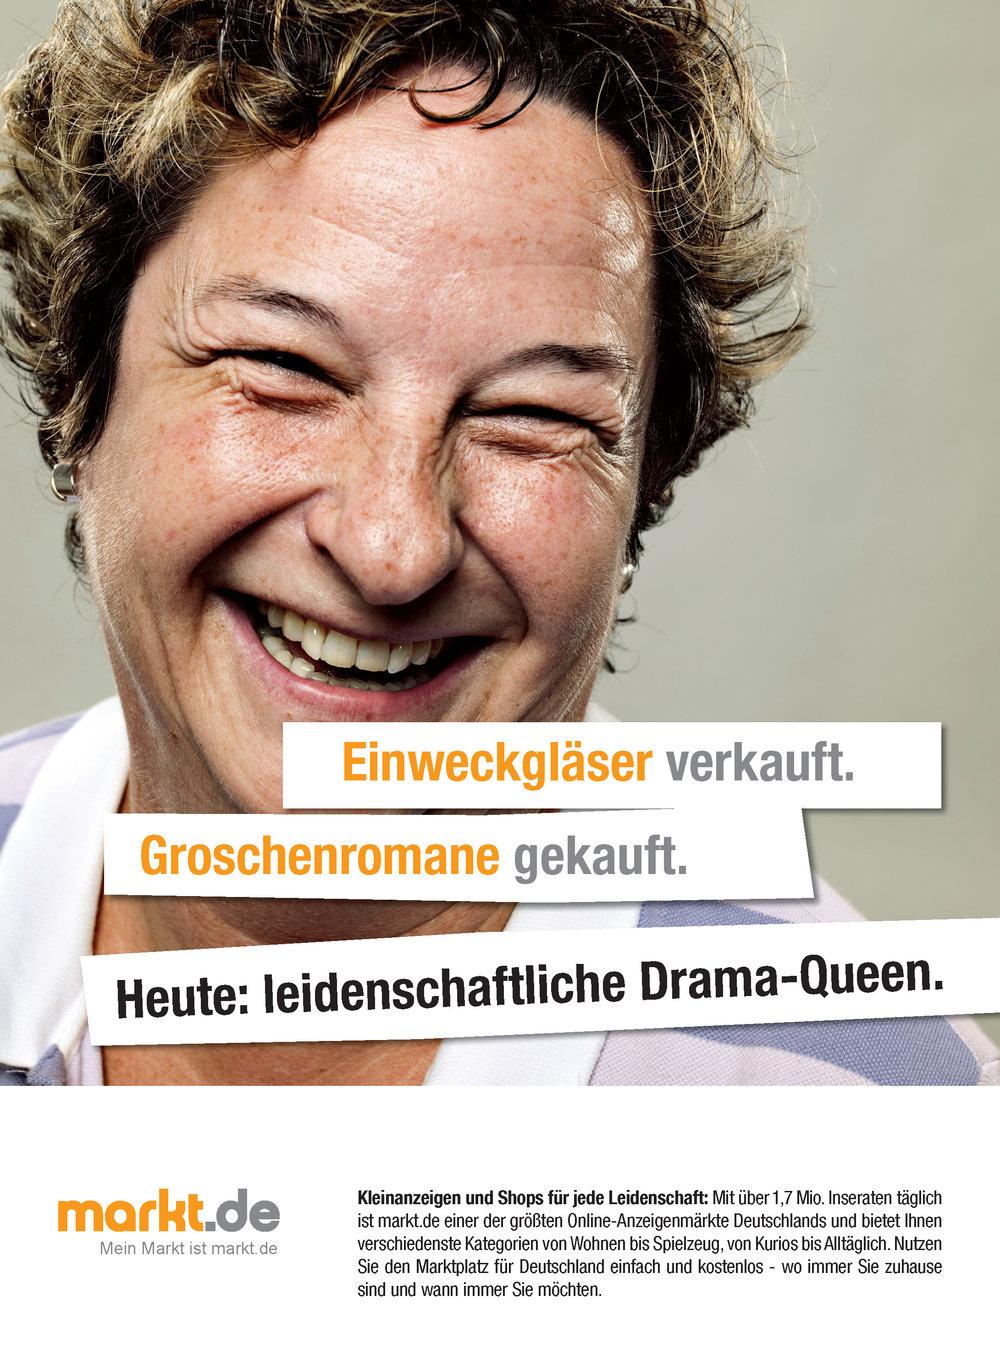 Anzeige markt.de - Drama Queen